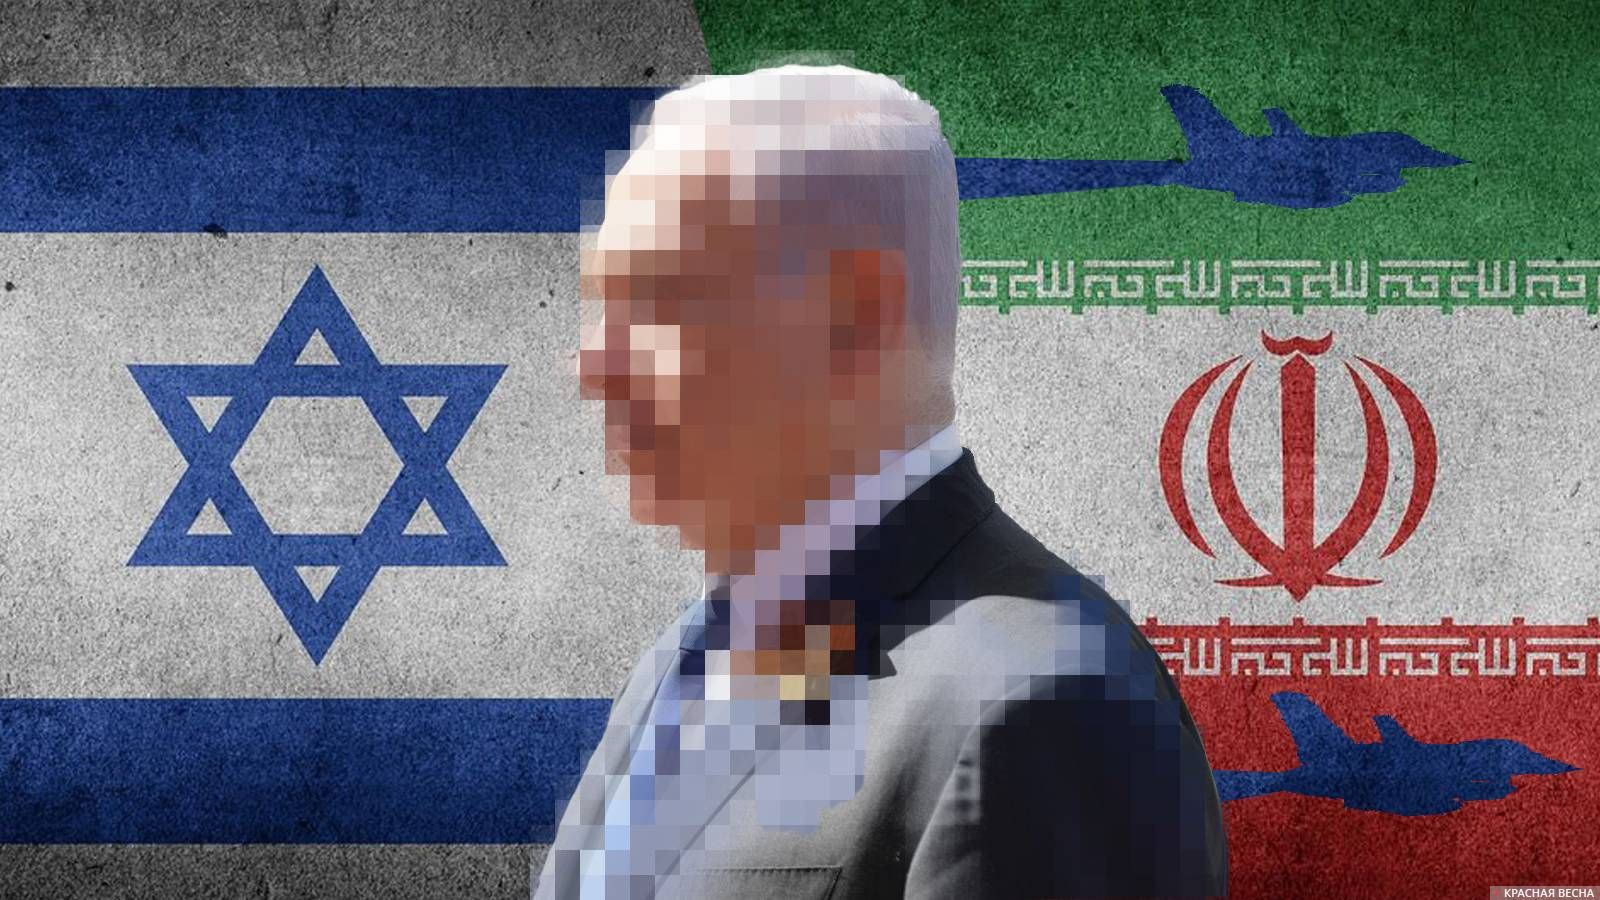 ЯО Израиля мешает создать безъядерный Ближний Восток — иранский дипломат